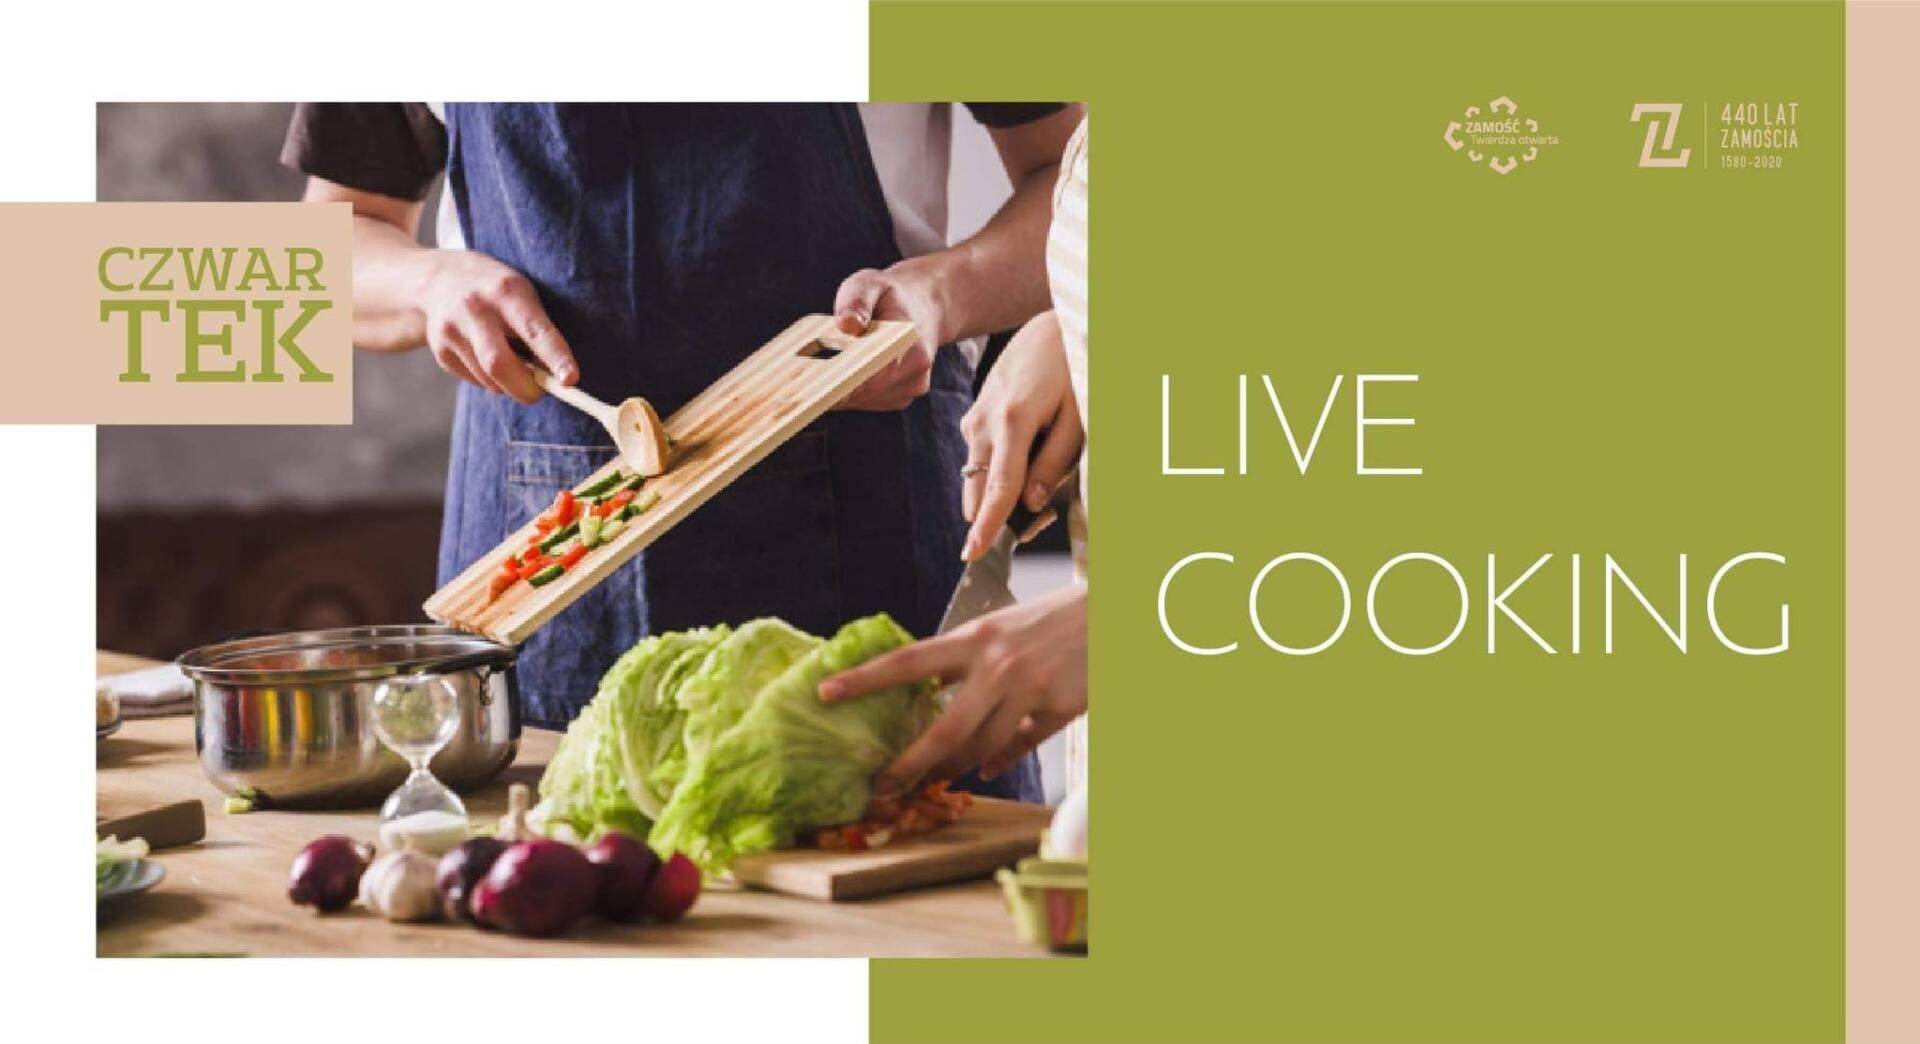 live cooking ZAMOŚĆ: Gotowanie na żywo, treningi, koncerty, porady lekarskie, zajęcia dla dzieci. Miasto Zamość przygotowało cykl wydarzeń on-line.